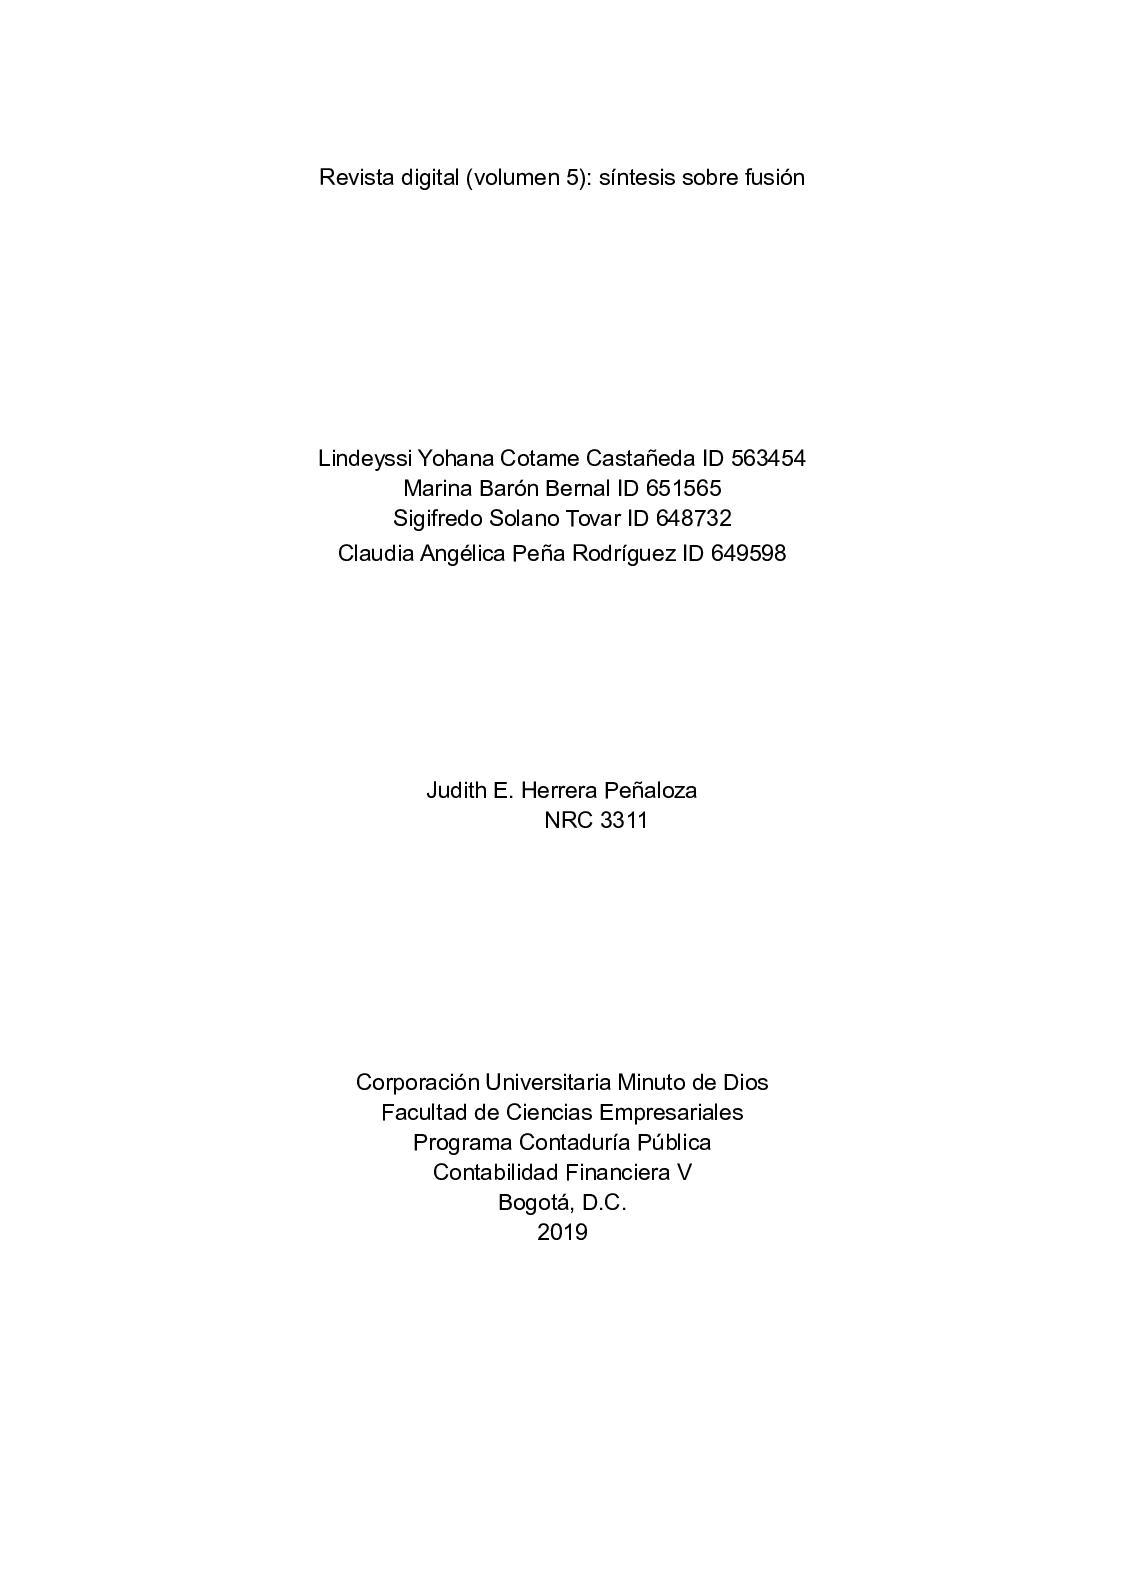 Revista Digital Volumen 5 Síntesis Sobre Fusión